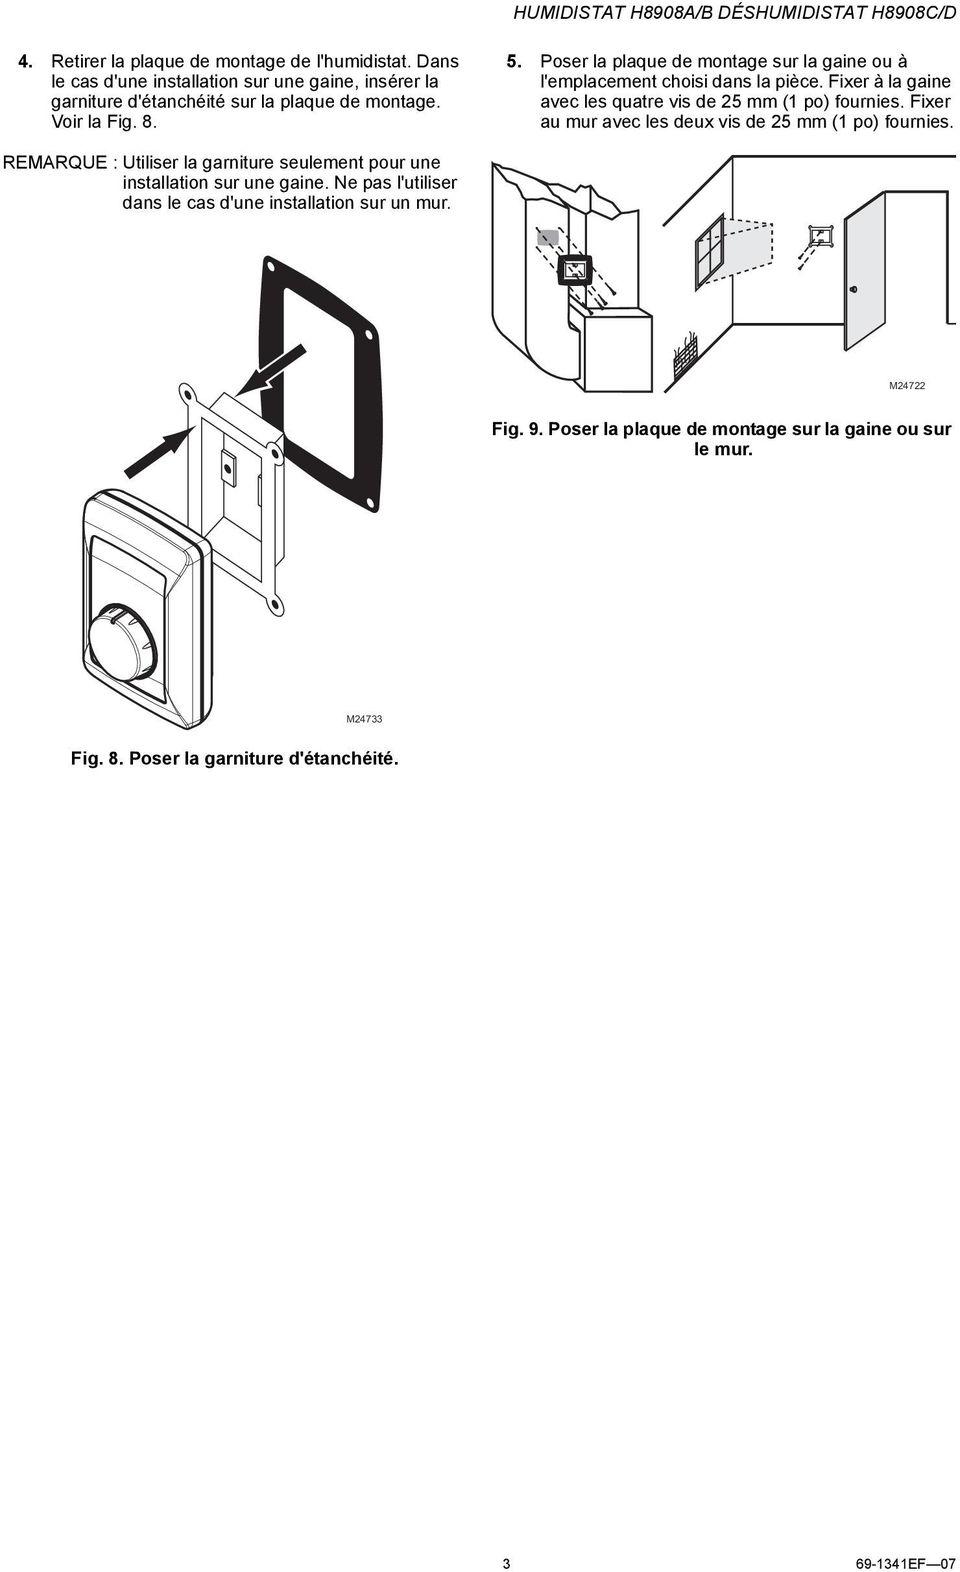 hight resolution of poser la plaque de montage sur la gaine ou l emplacement choisi dans la